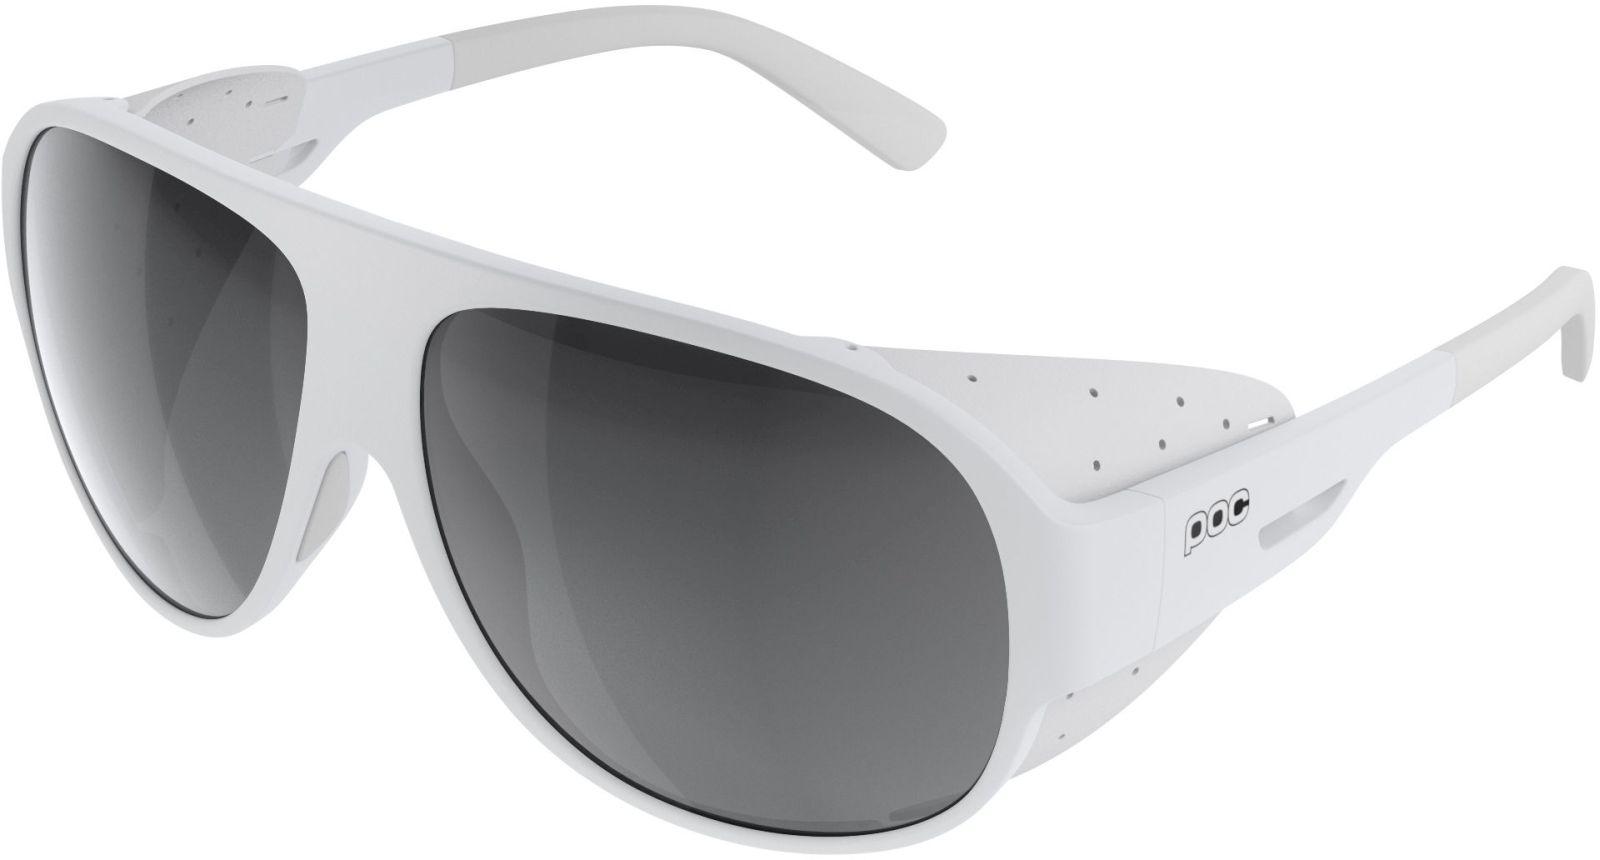 POC Nivalis - Hydrogen White - Grey/White Mirror uni